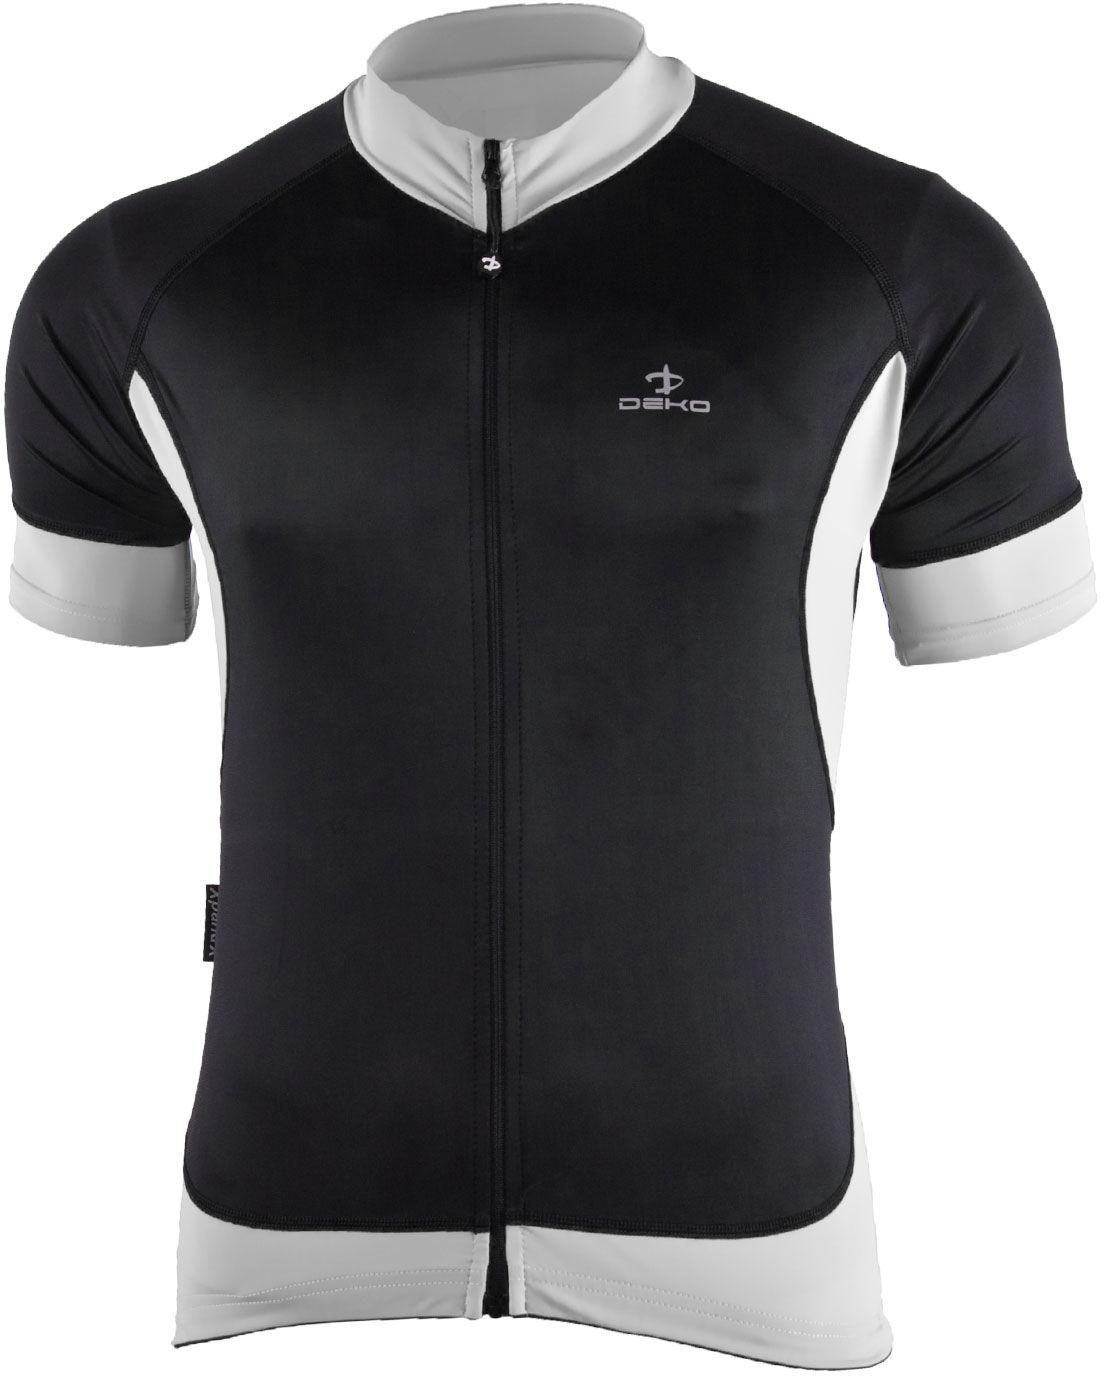 DEKO BURAQ męska koszulka rowerowa, krótki rękaw czarny / biały Rozmiar: L,BURAQ_white